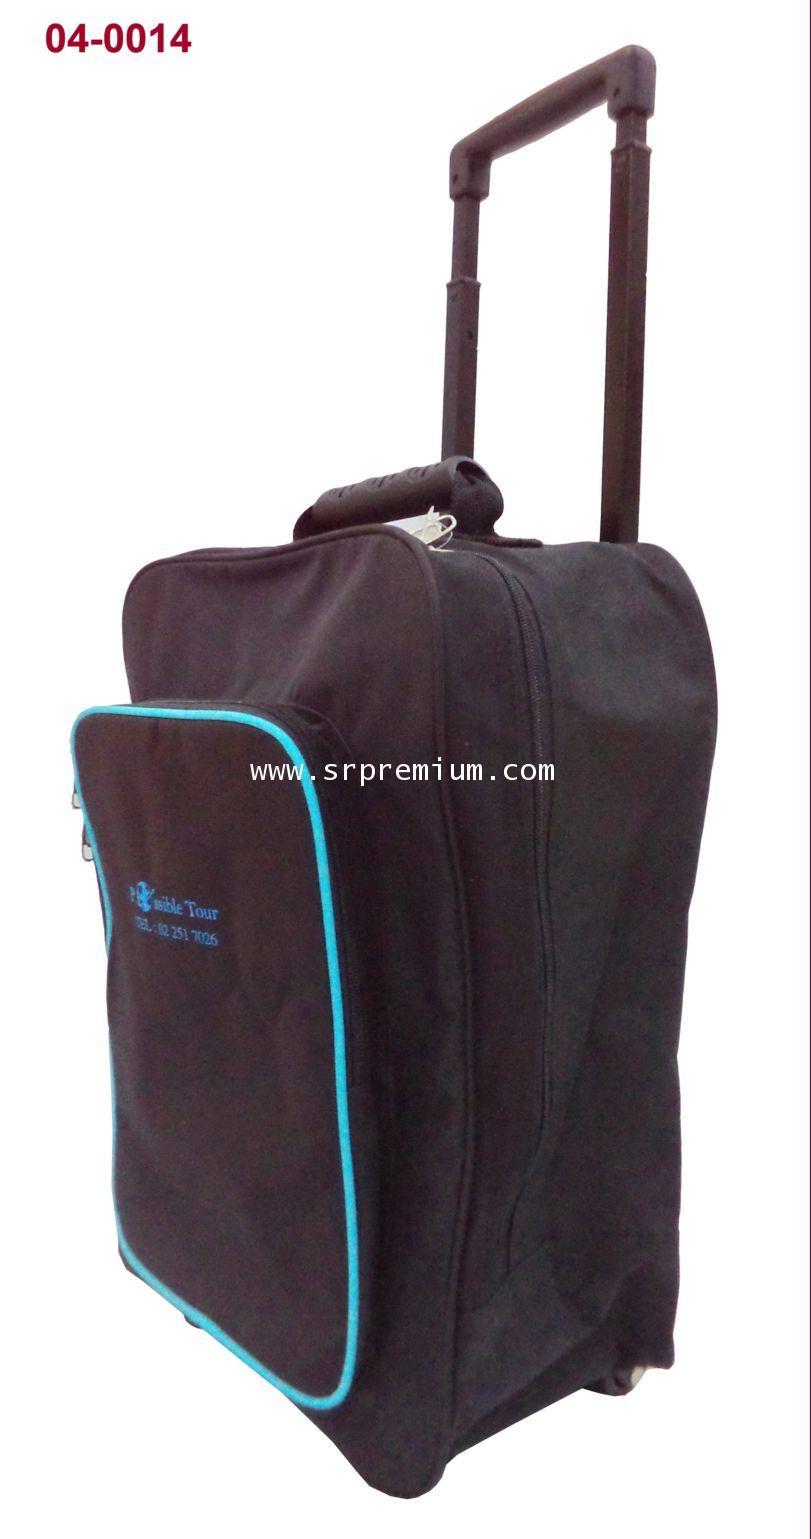 กระเป๋าเดินทางคันชัก 04-0014